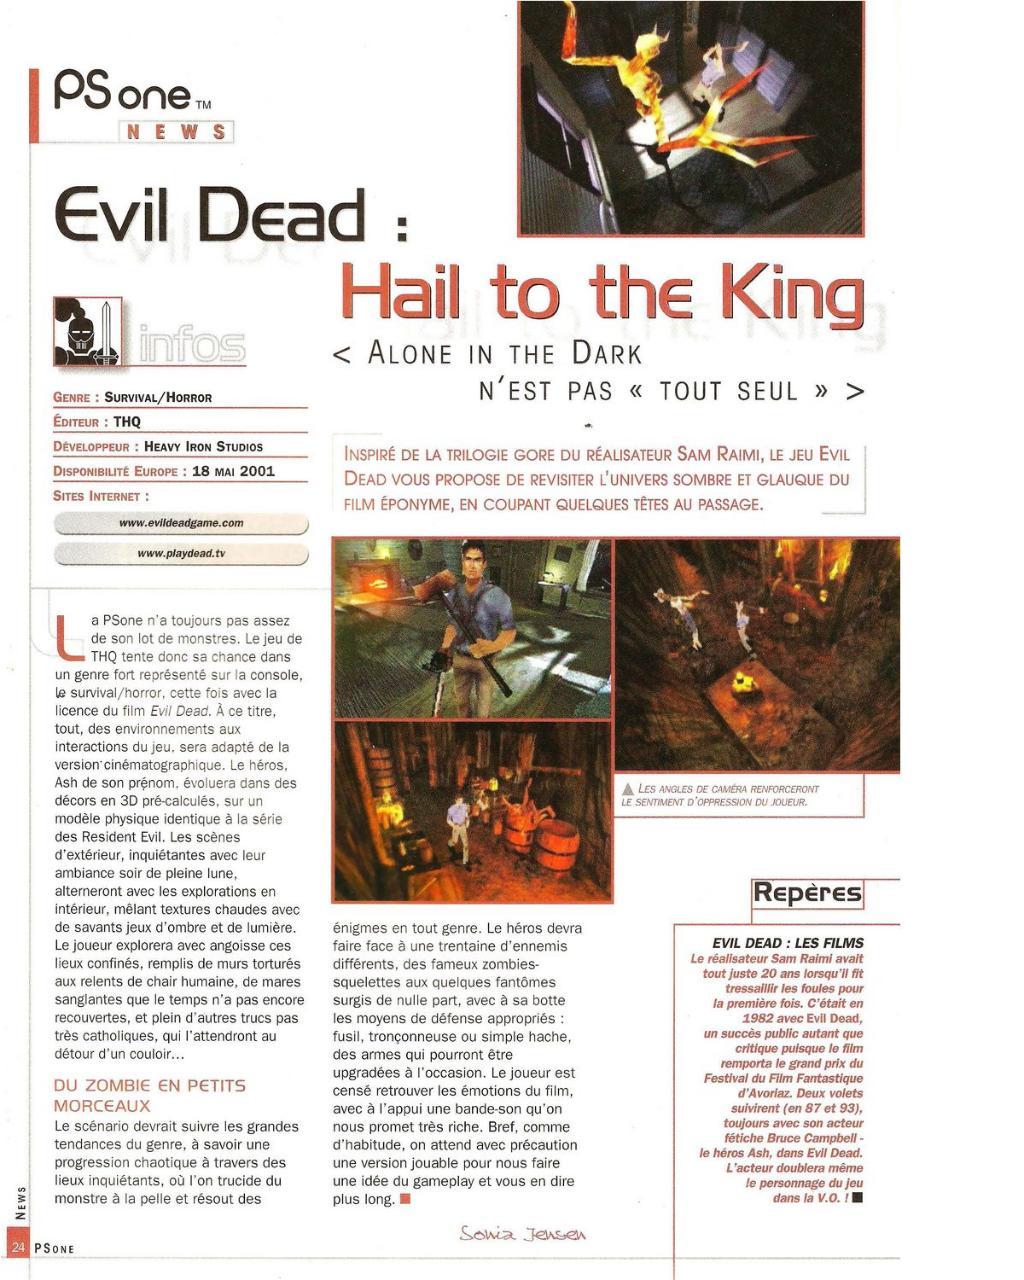 PSone News - Evil Dead.pdf par Koma-Code - Fichier PDF